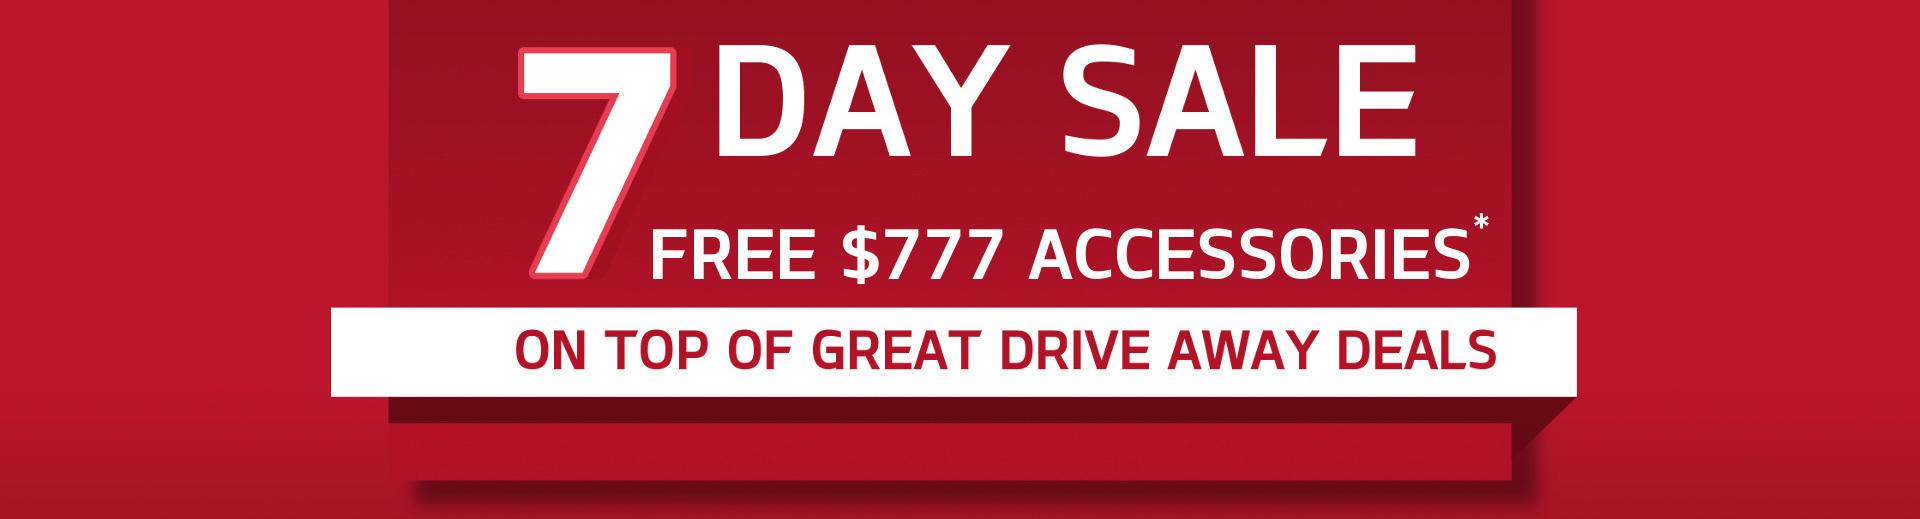 Kia - 7 Day Sale - Free $777 Accessories